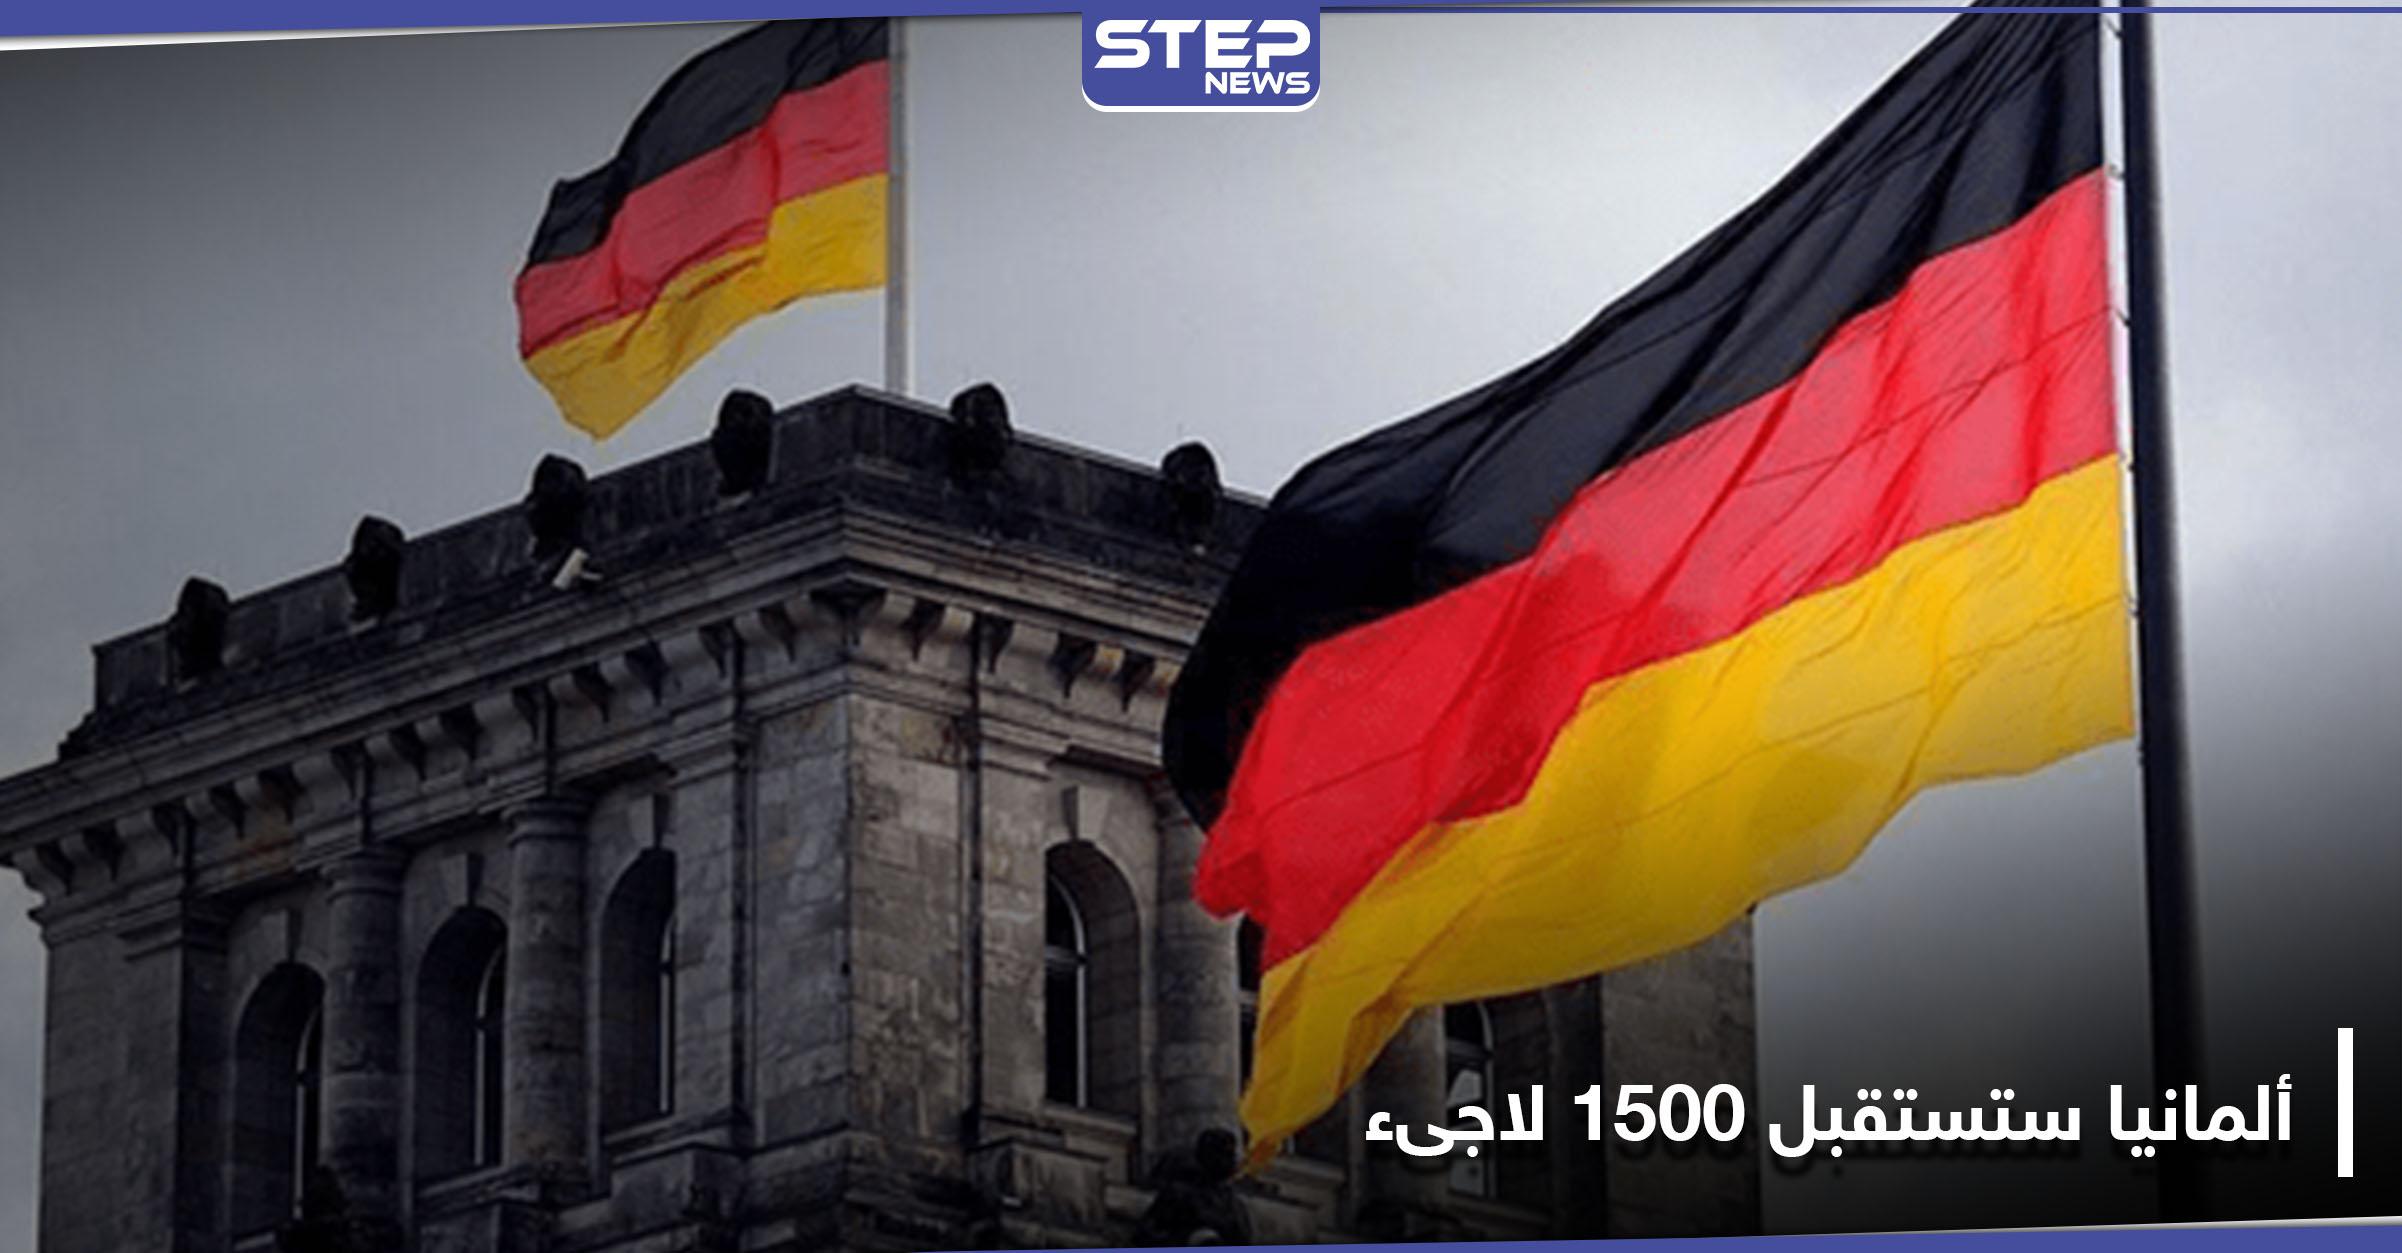 ألمانيا تعتزم استقبال 1500 طالب لجوء